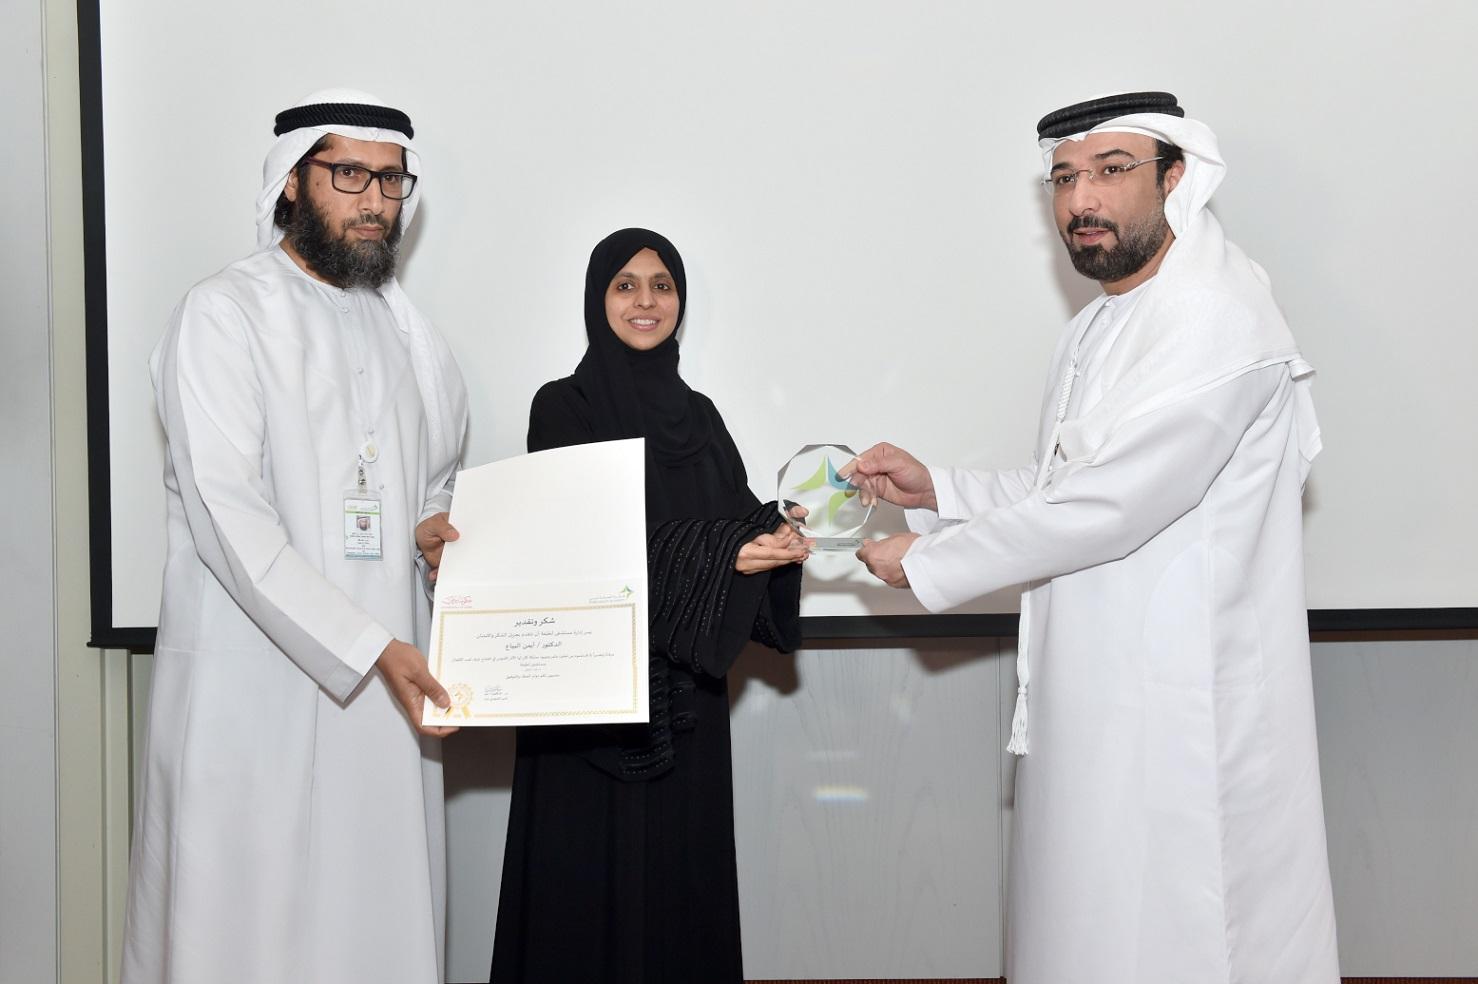 صورة بالصور سفير النوايا الحسنة  أيمن البياع يطلق مبادرة مستقبلهم أمانة في دبي